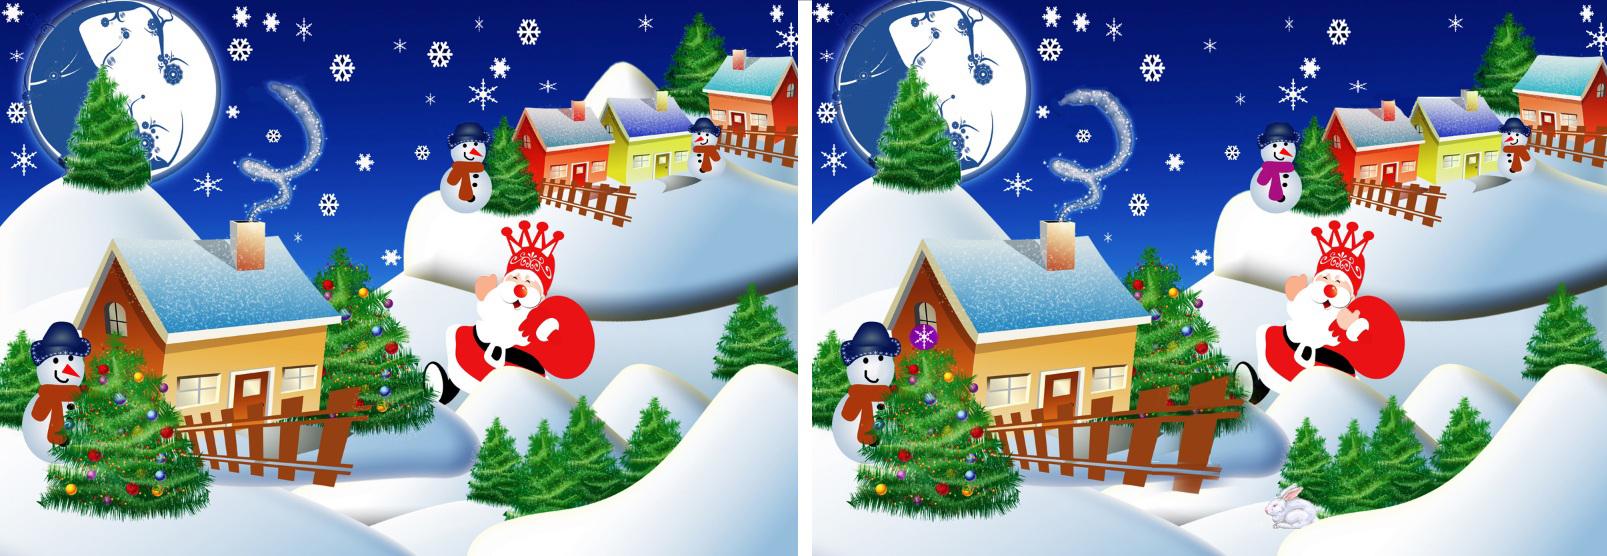 Christmas 2x